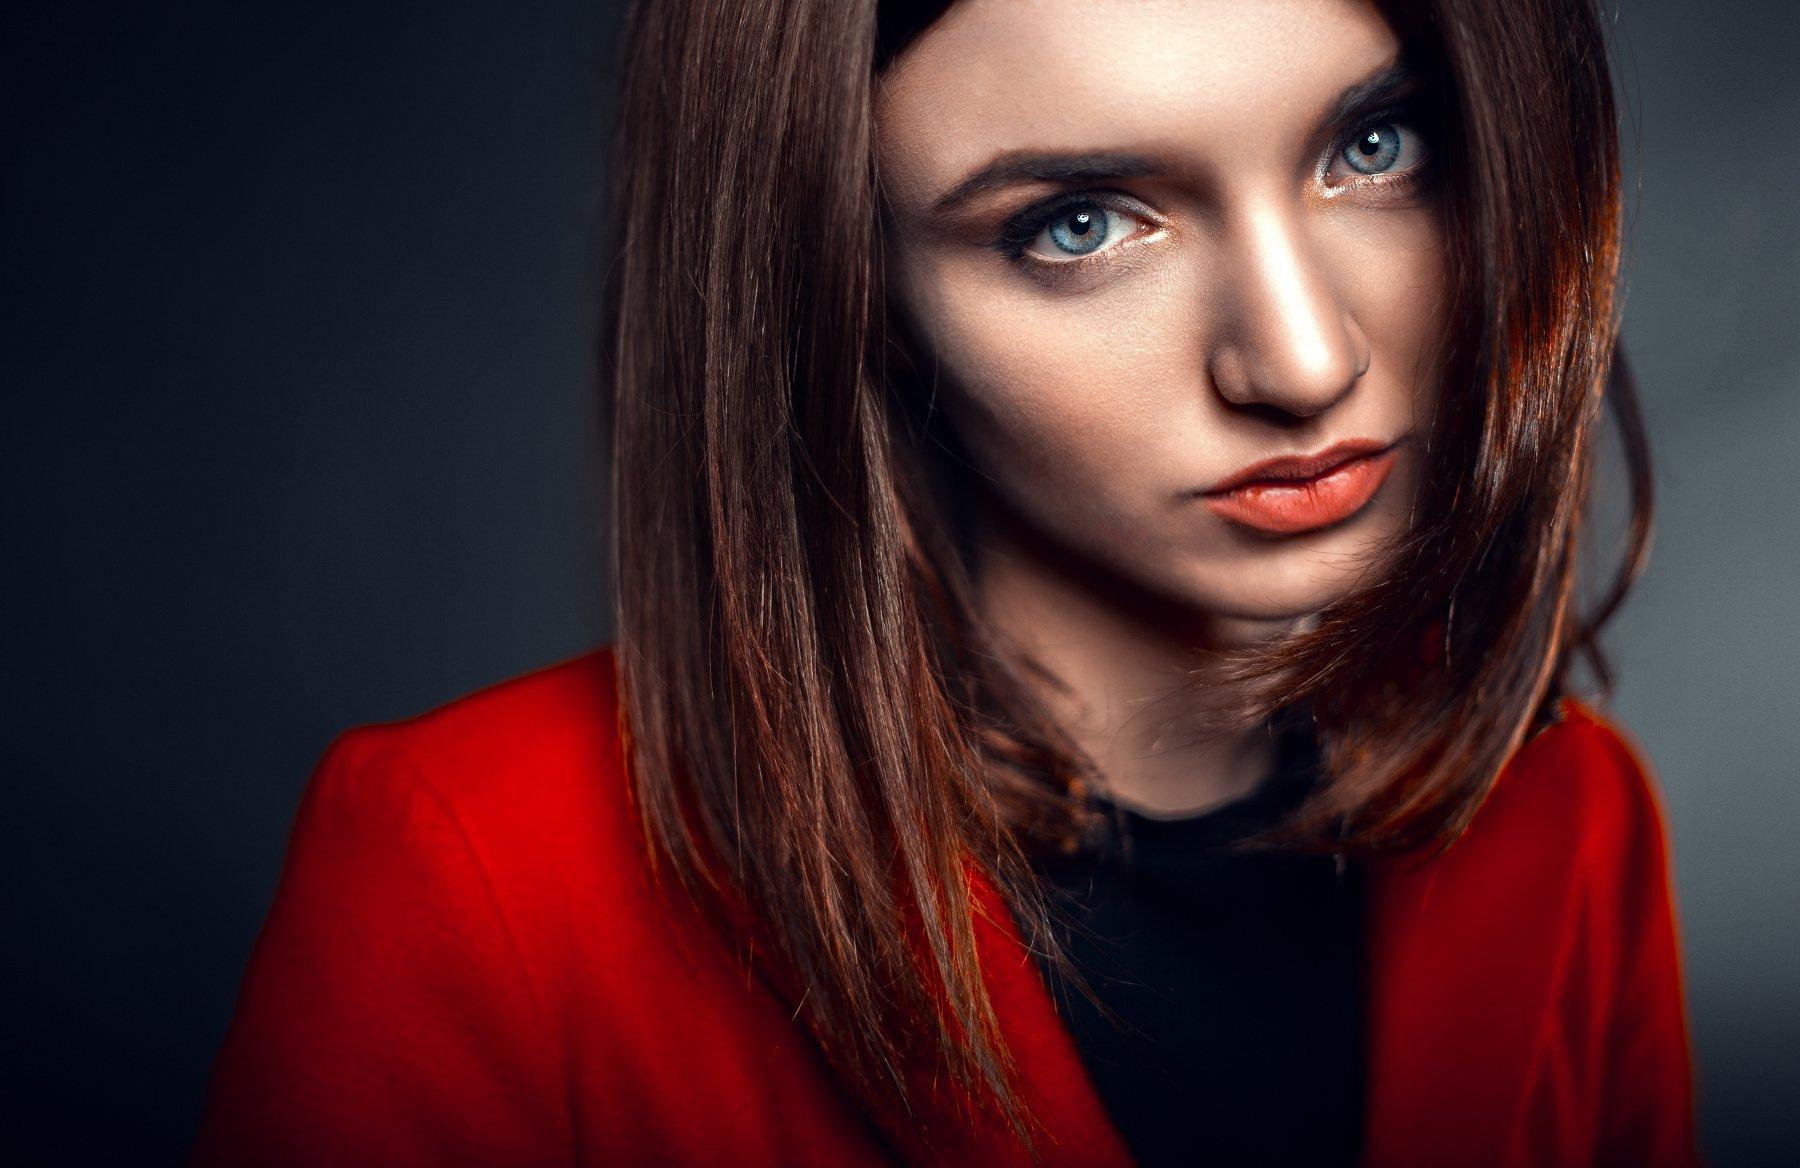 портрет, студия, свет студия, крыпный, лицо, Маховицкая Кристина